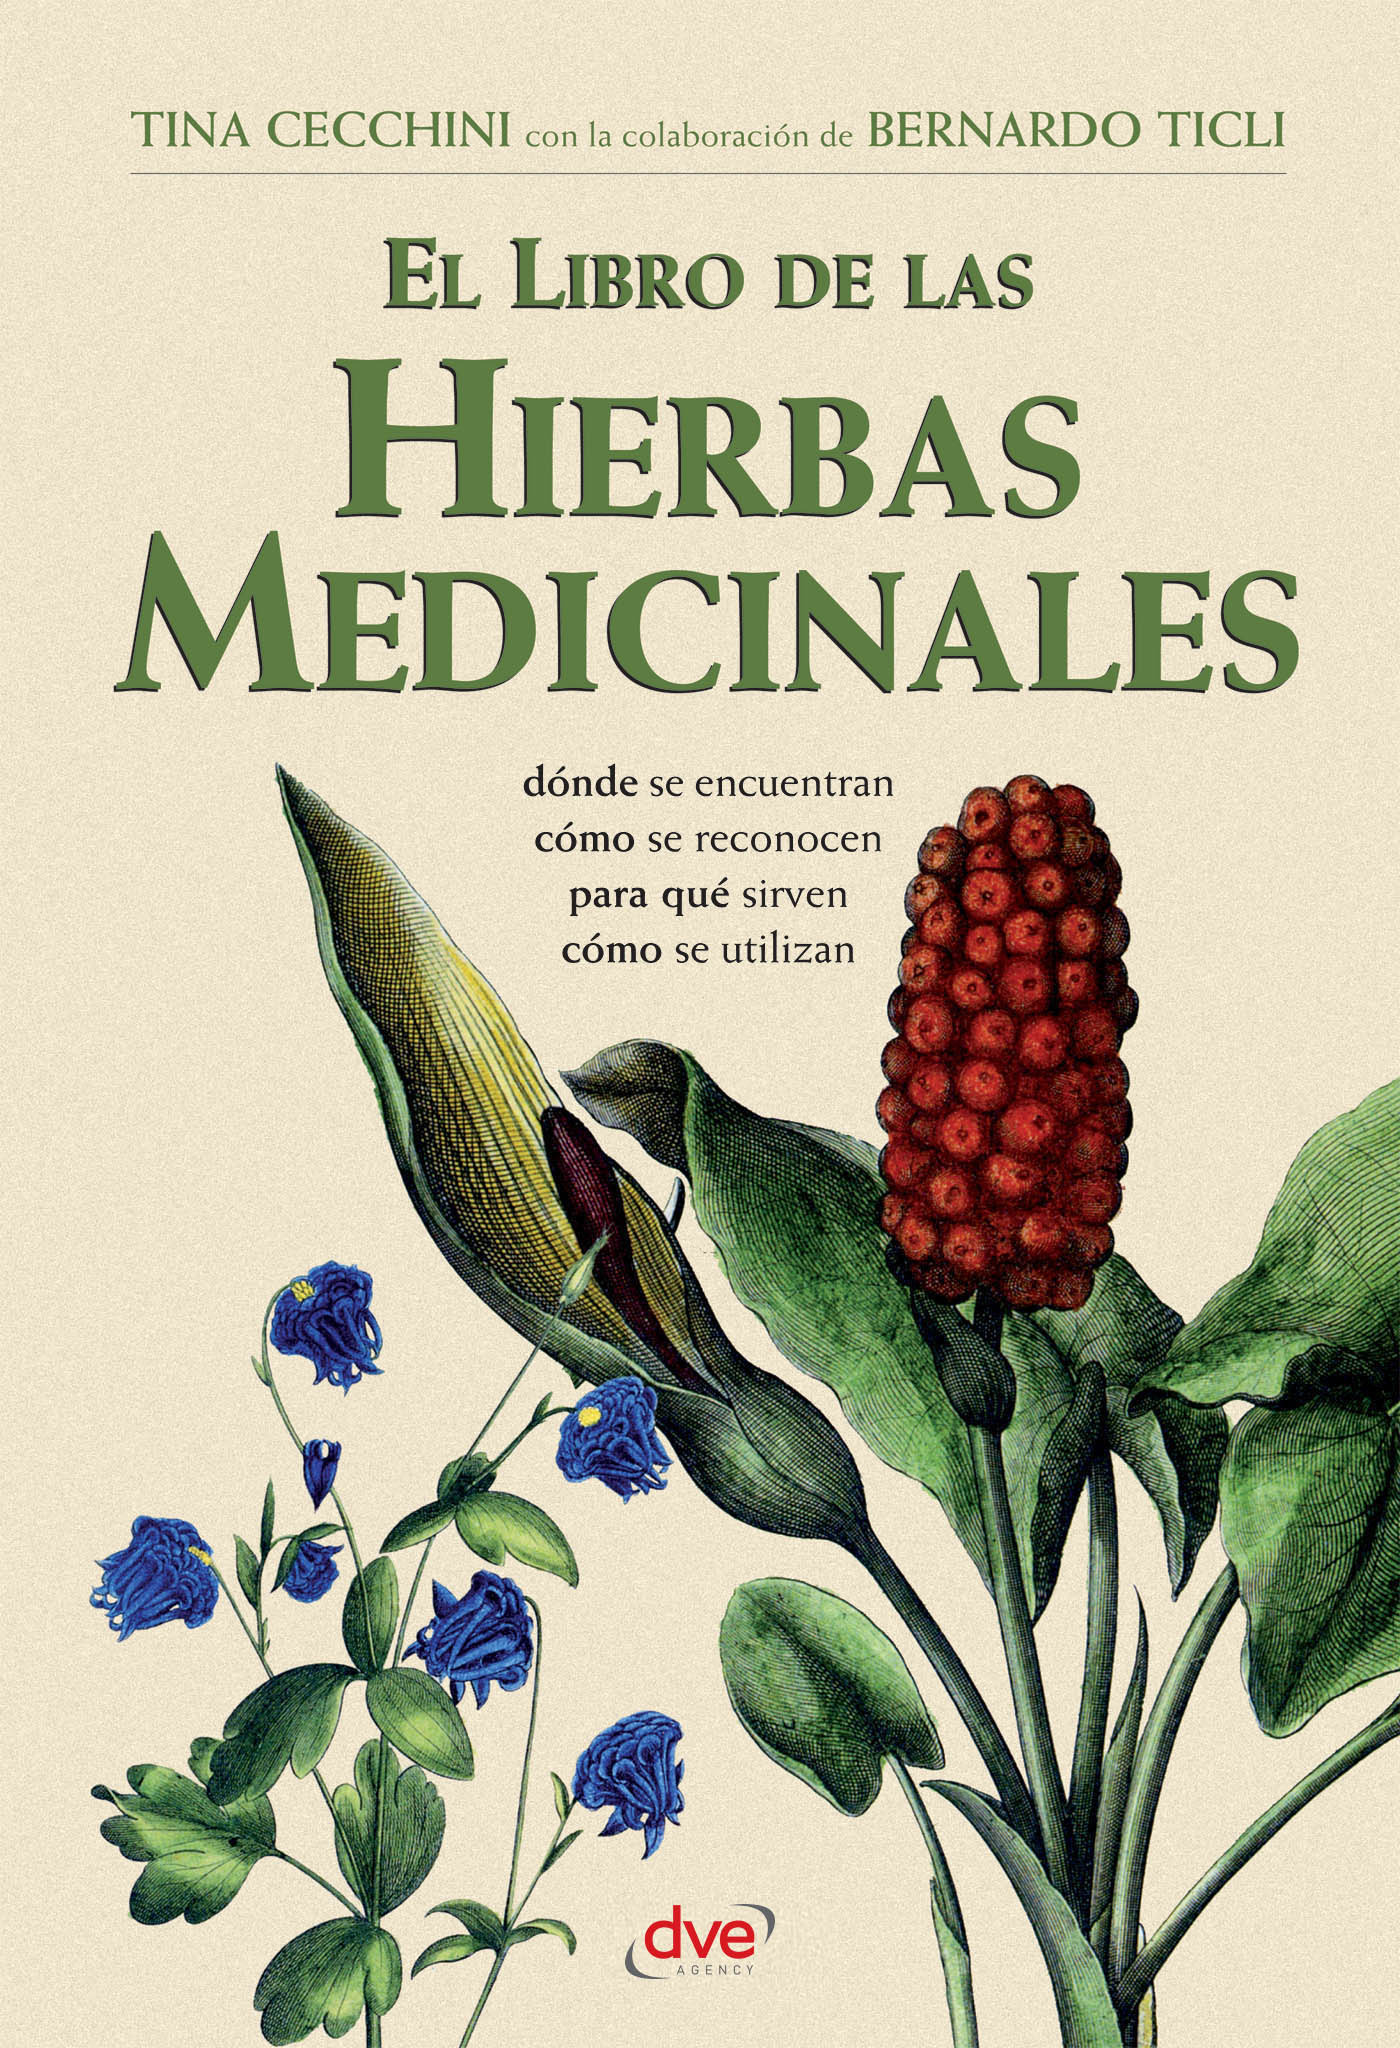 Cecchini, Tina - El libro de las hierbas medicinales, ebook